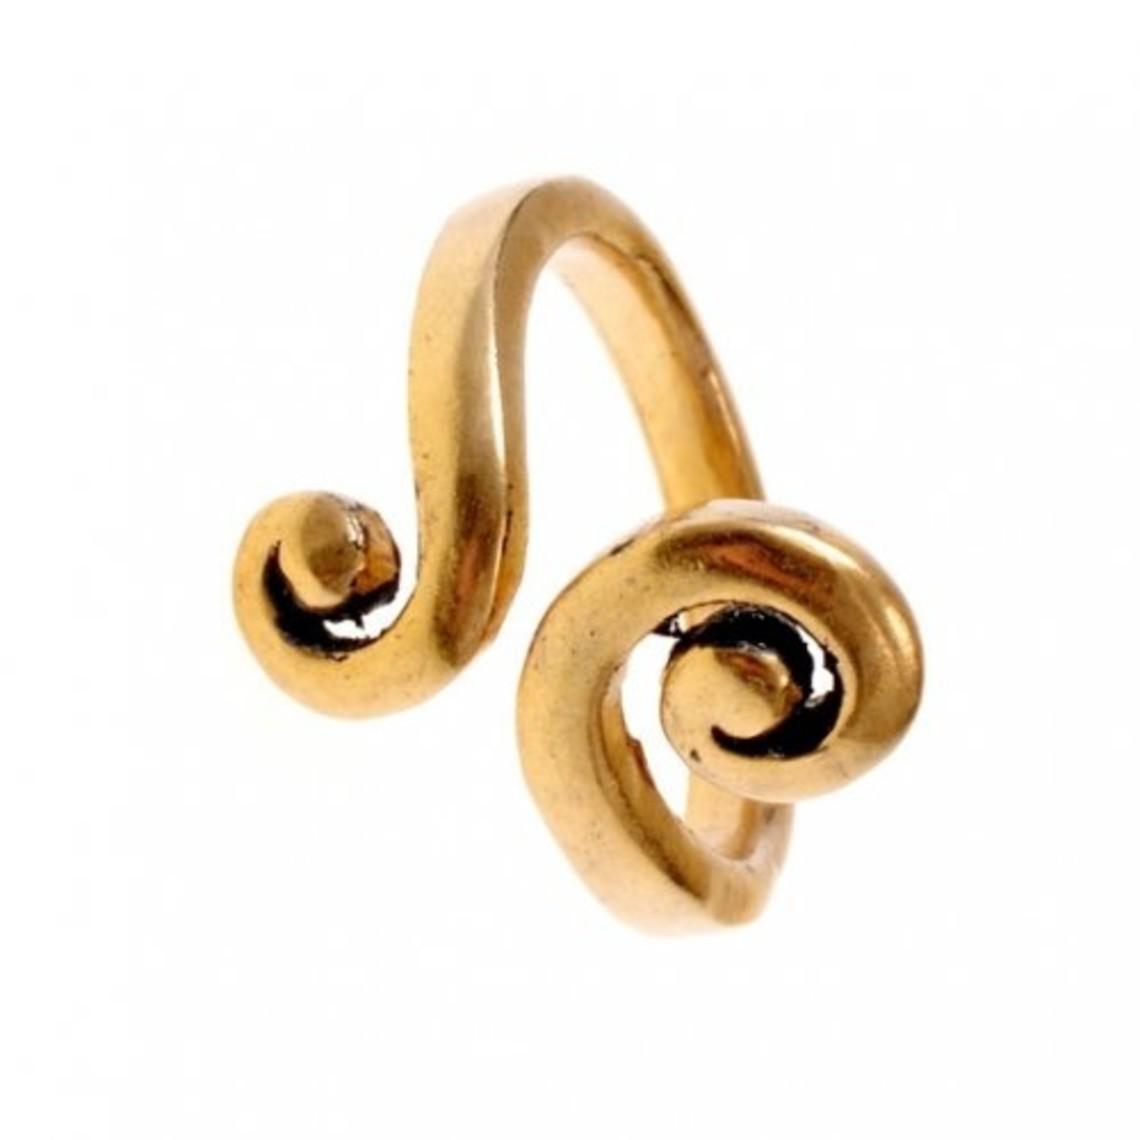 anillo celta con motivo espiral estilizado, bronce